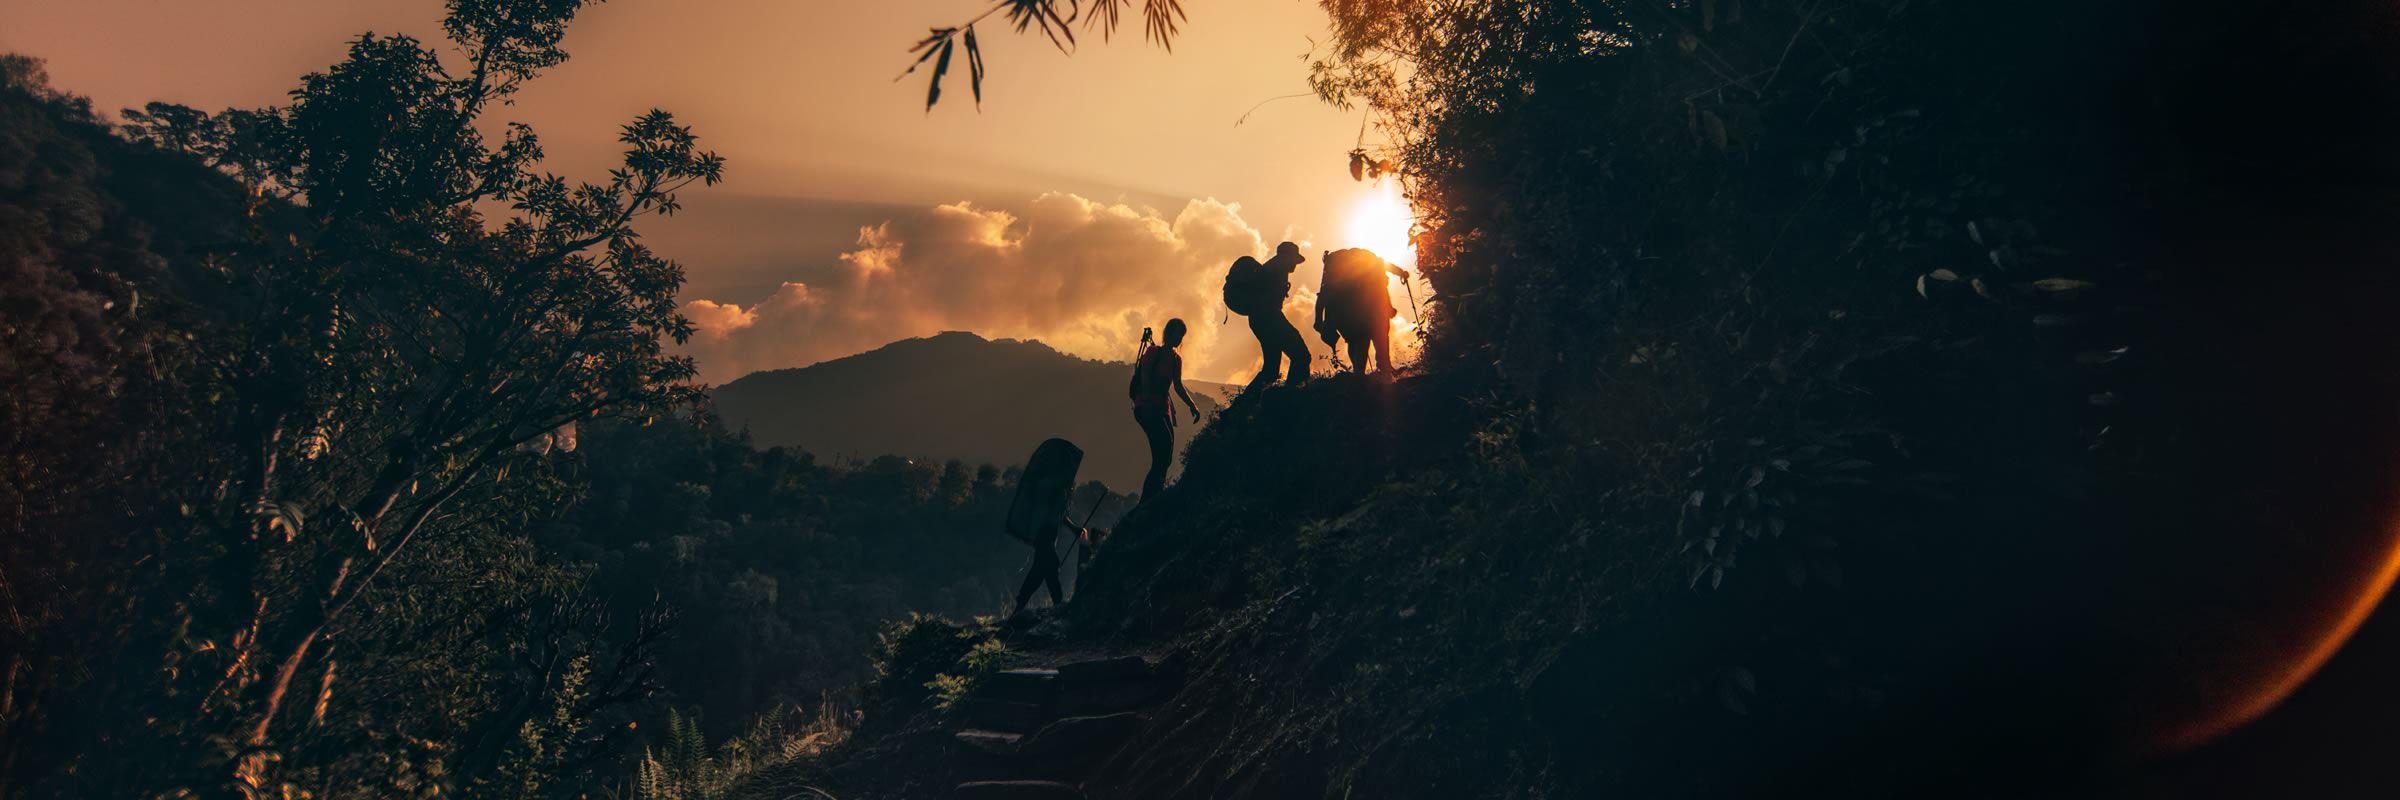 Nepal hikking